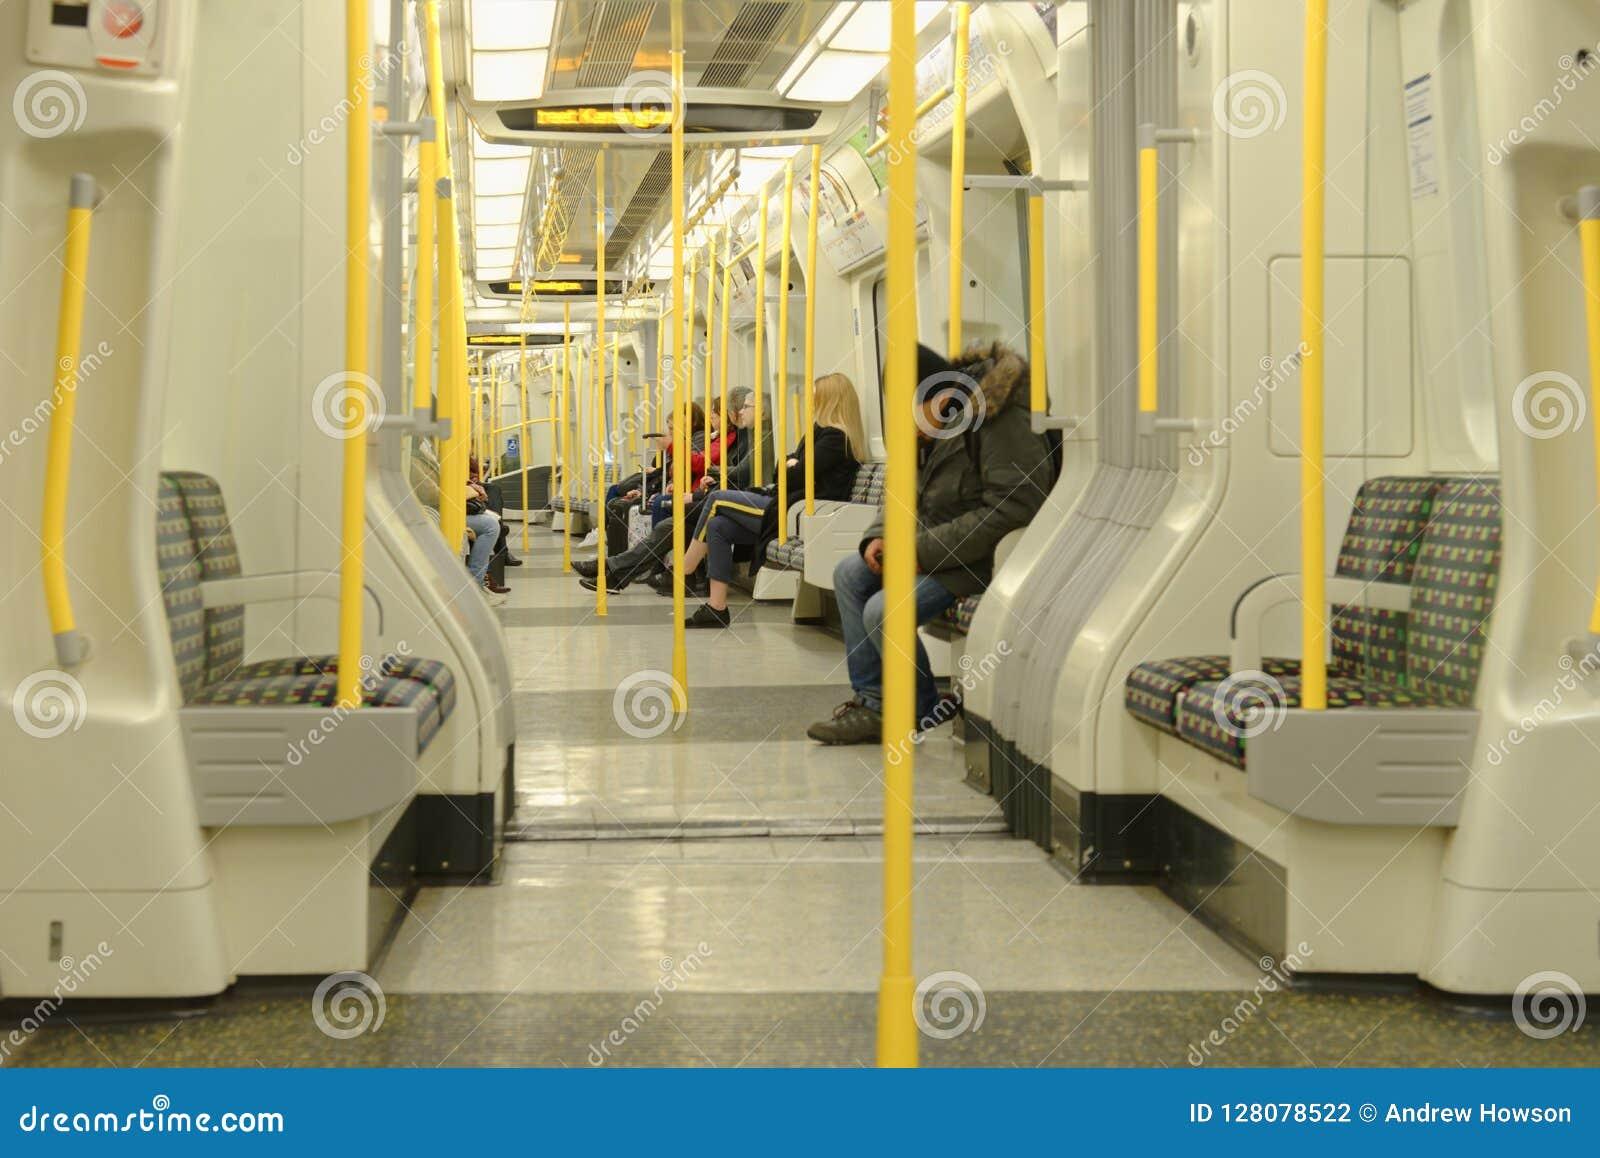 Londres, Inglaterra: interior del tren del tubo moderno